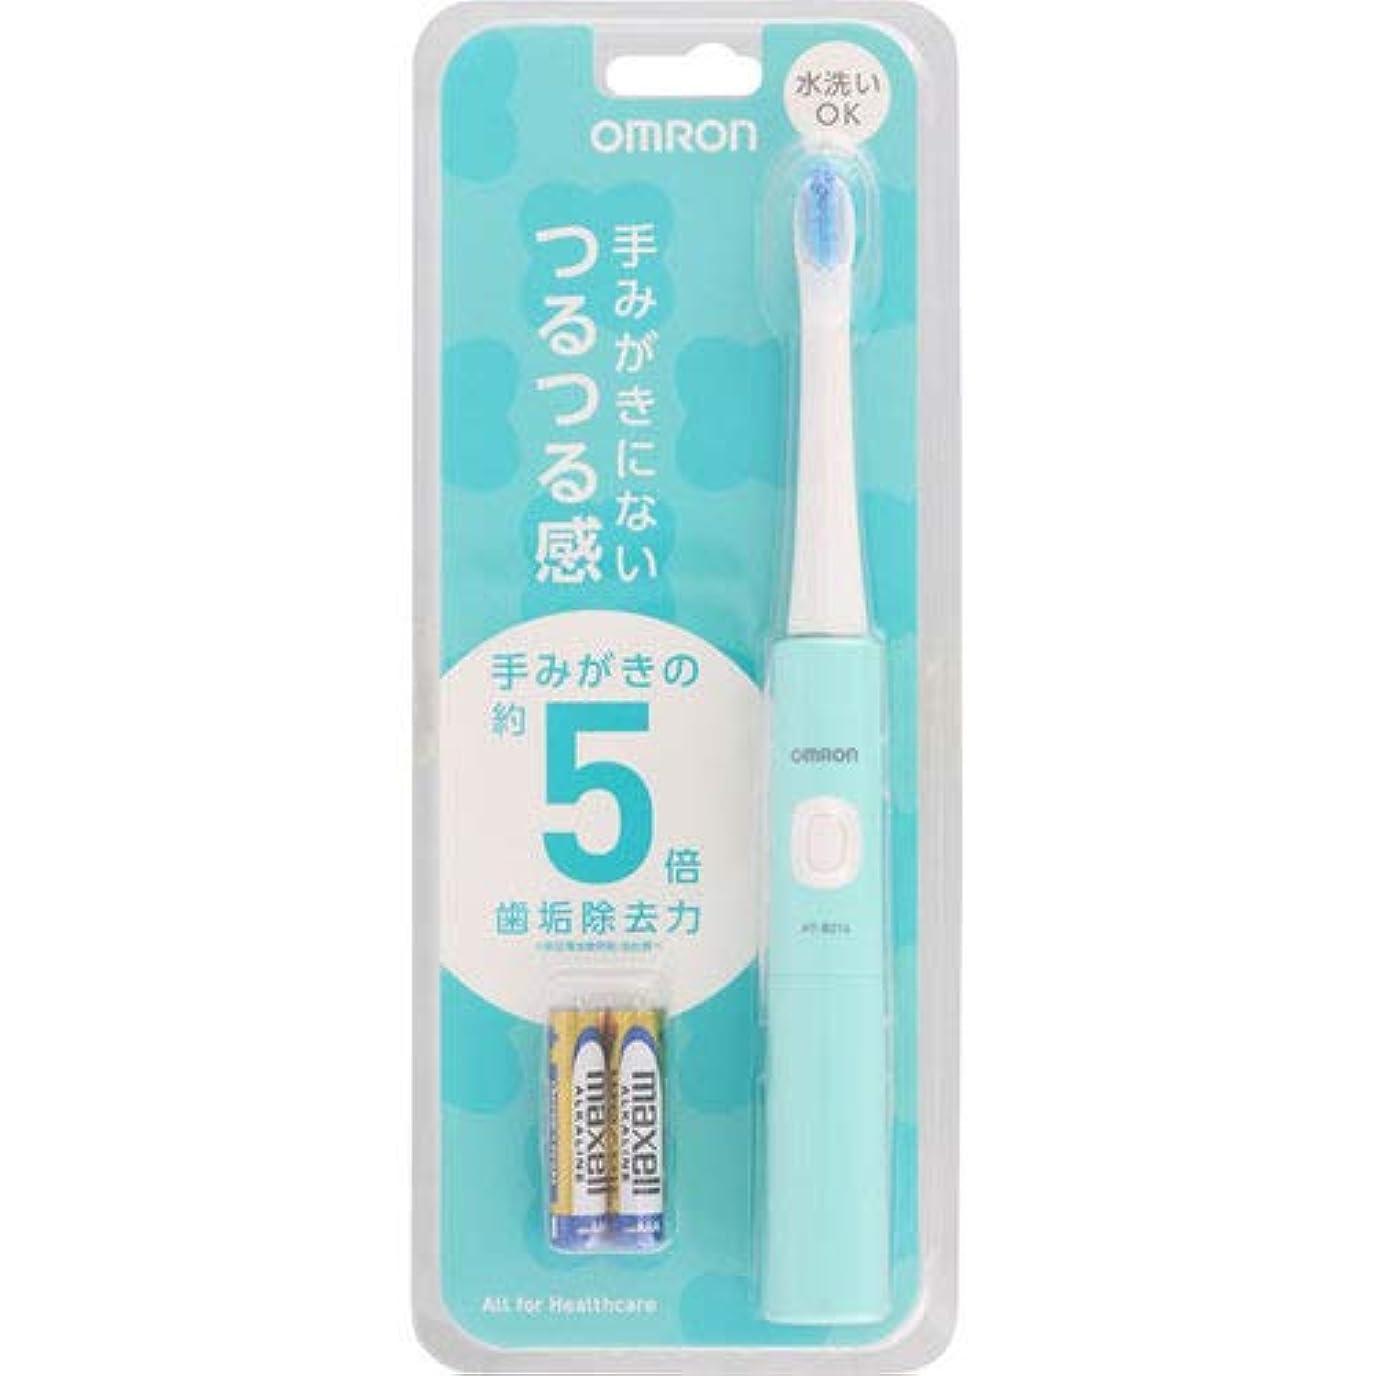 ロマンチック先入観ラジウムオムロン 電動歯ブラシ HT-B214-G グリーン 電池式